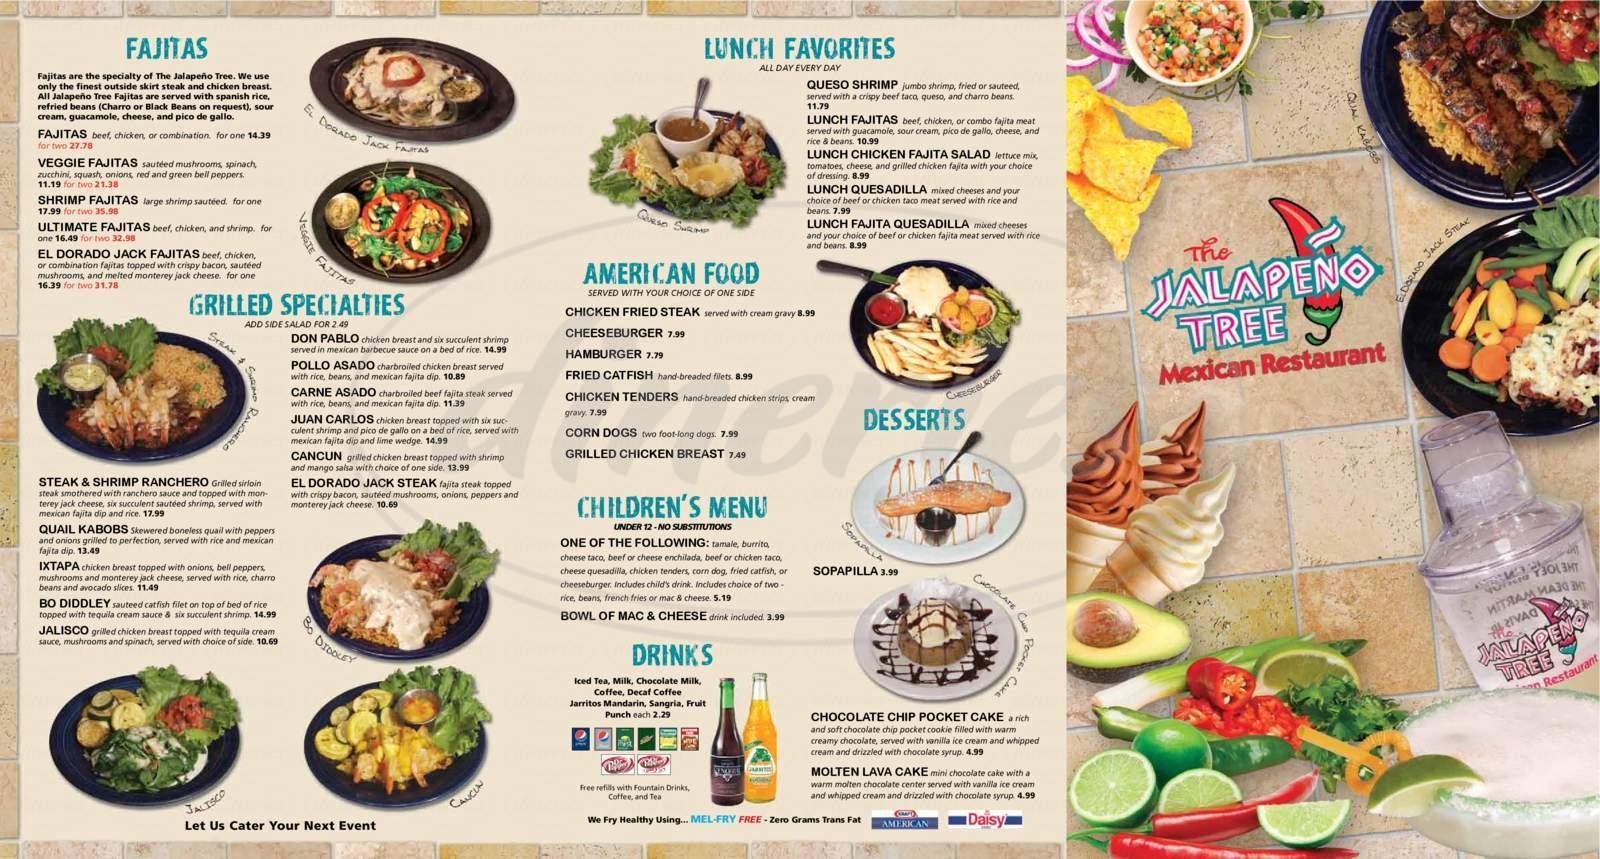 menu for Jalapeno Tree